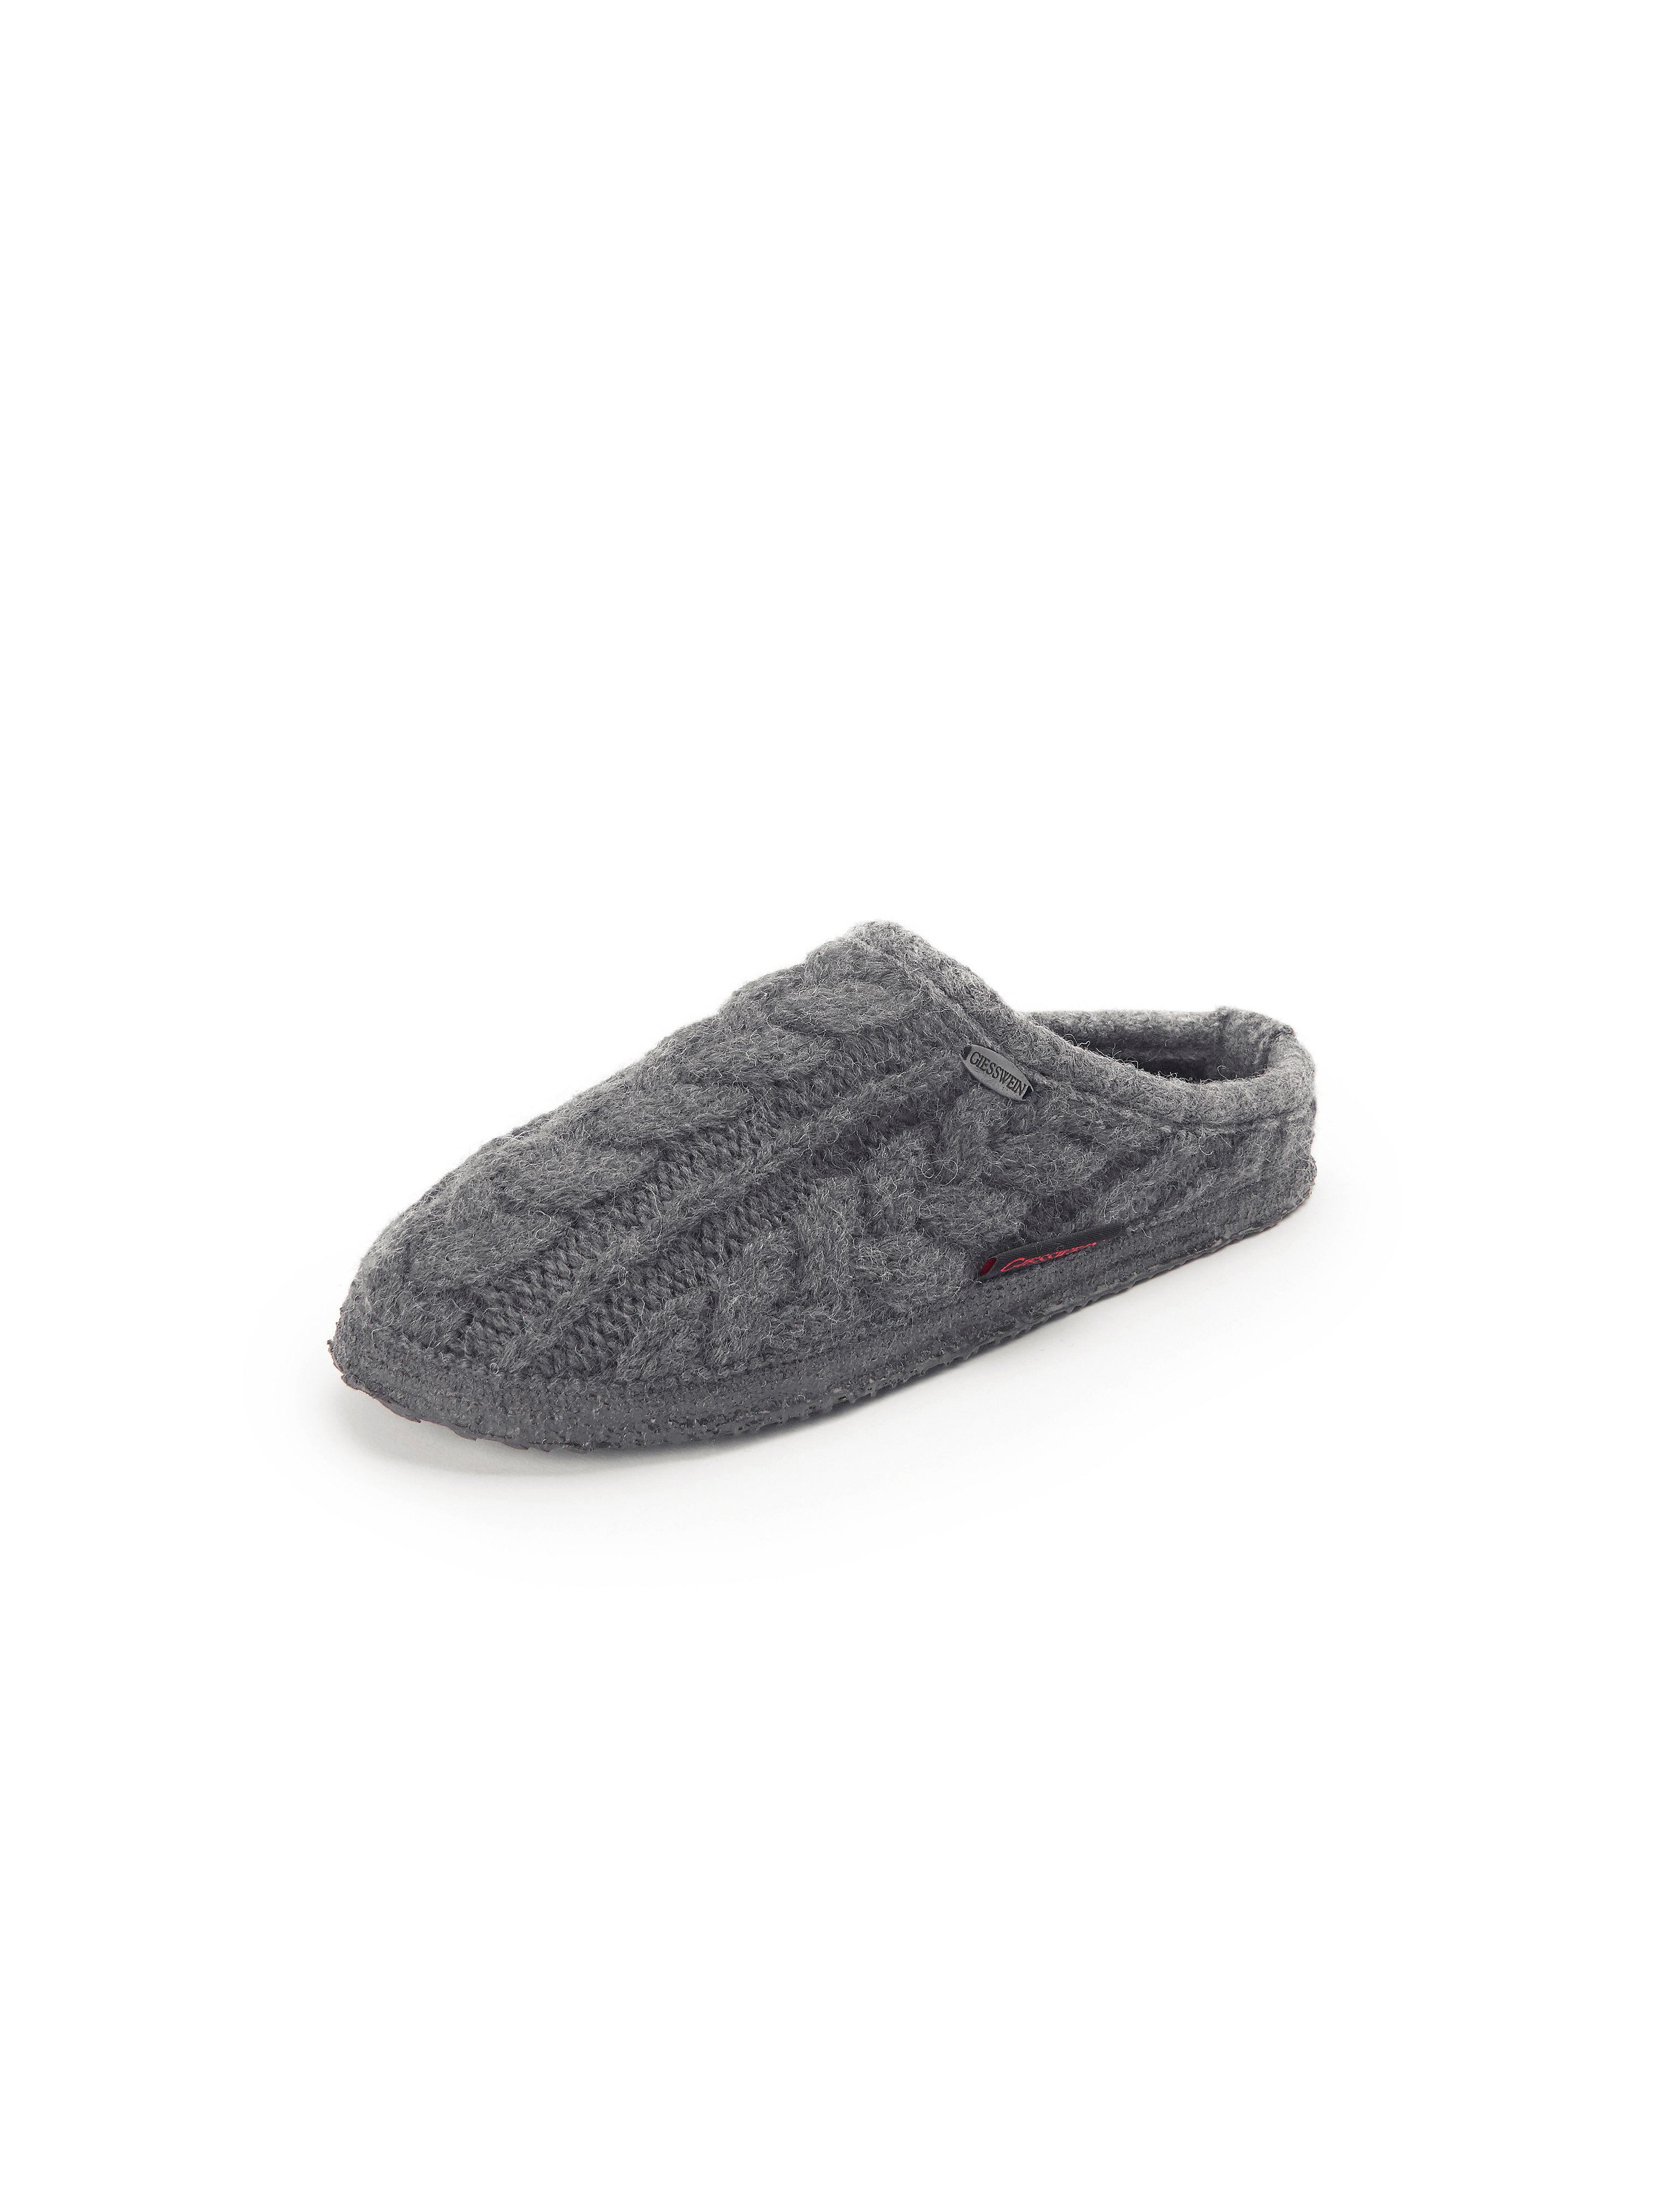 Pantoffel Giesswein grau | Schuhe > Hausschuhe | Schurwolle | Giesswein